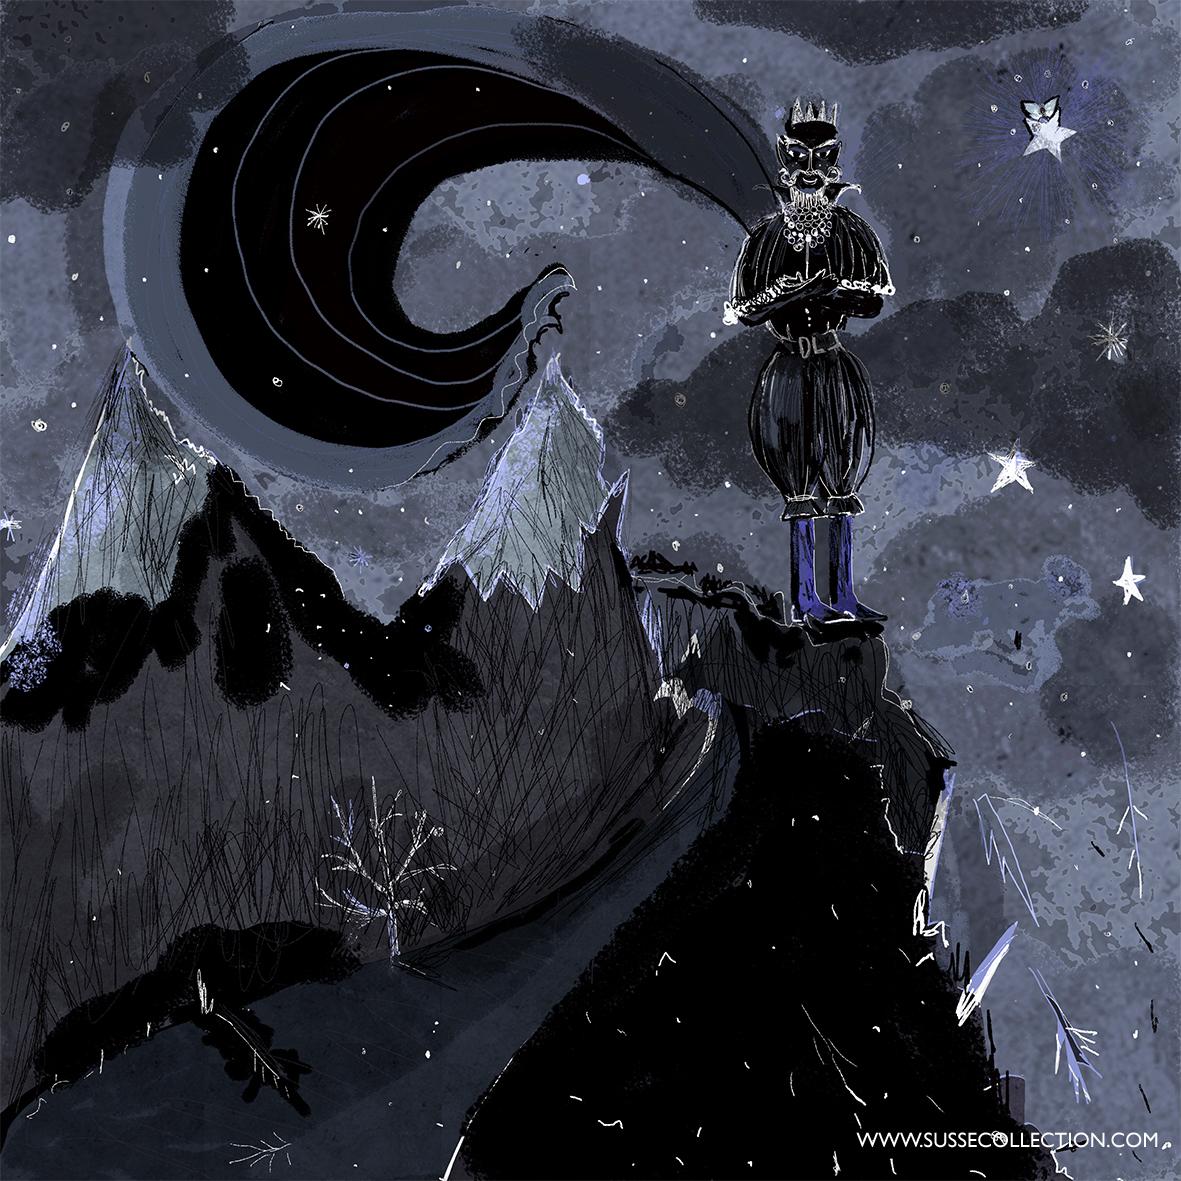 illustration Le Fée et le Prince des Lumiére _Susse Collection2.jpg